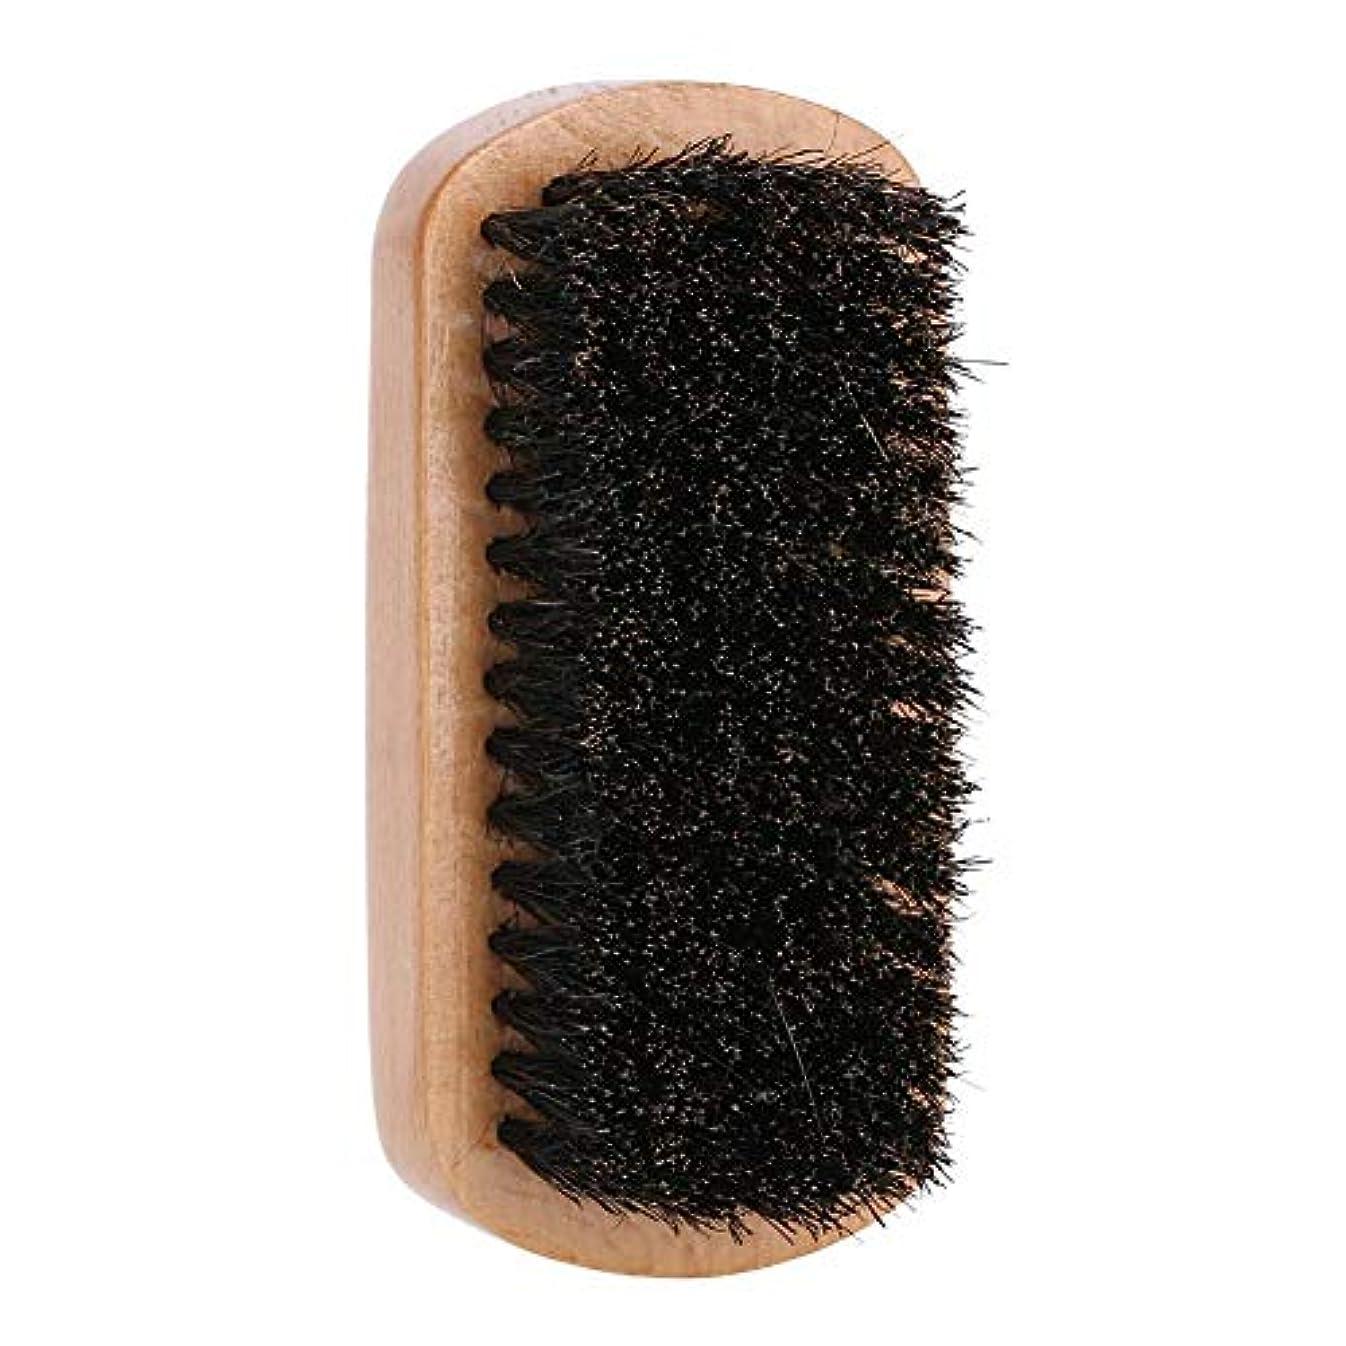 知るルー召喚するひげのブラシ、ひげのすべてのサイズそして様式のための整形式の表面マッサージの櫛をスタイリングする男性のブナの木製のひげの櫛のスタイリング、家および旅行Uesdのために完成しなさい